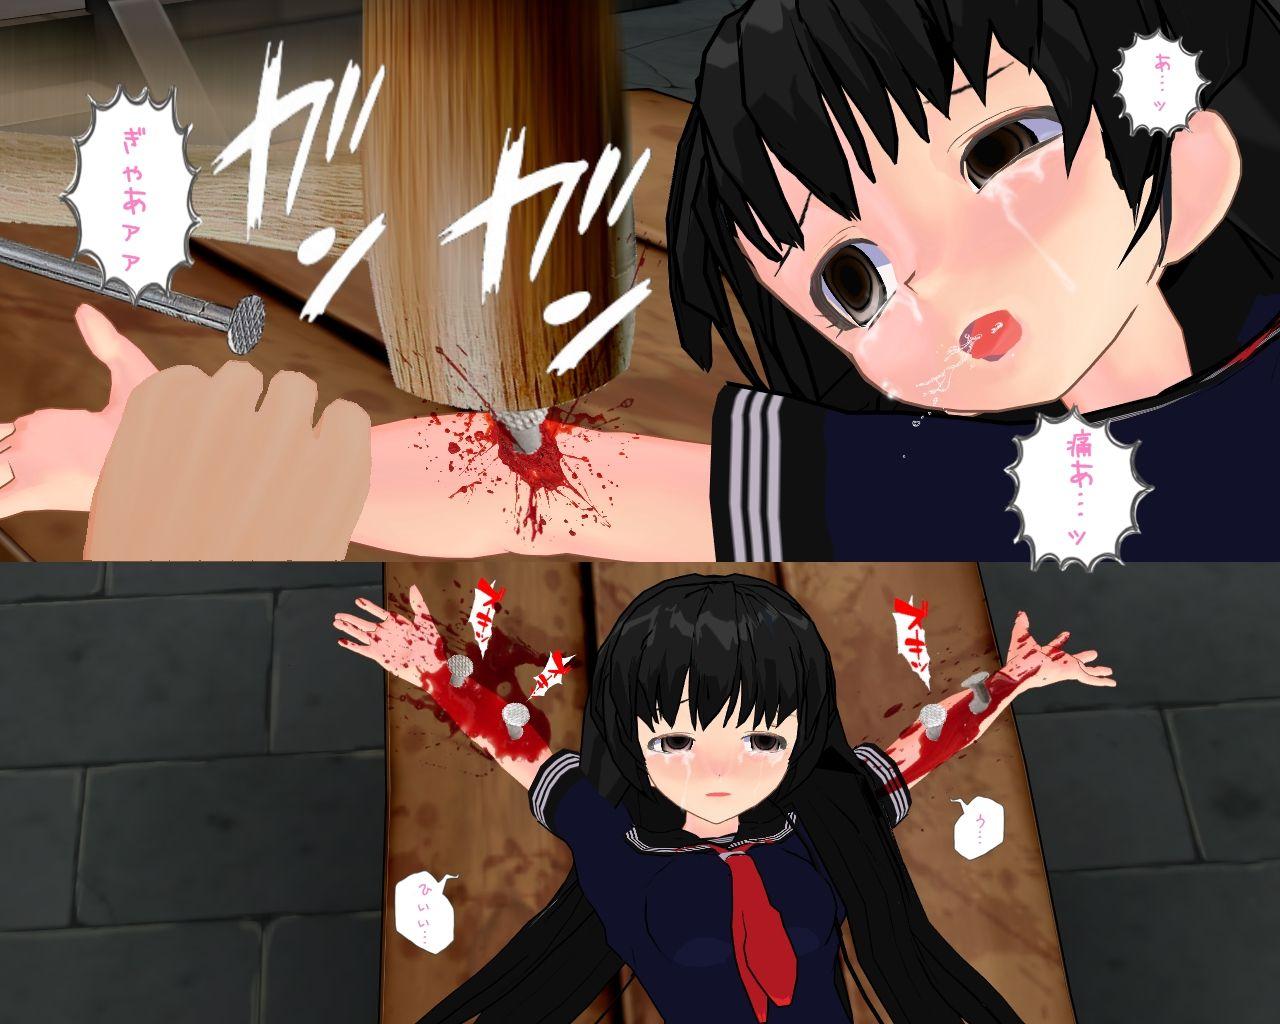 【リコ 監禁】小柄なロリの少女の、リコ、レンの監禁強姦バイオレンス拘束キス中出し鬼畜オイルスプラッター凌辱の同人エロ漫画!!